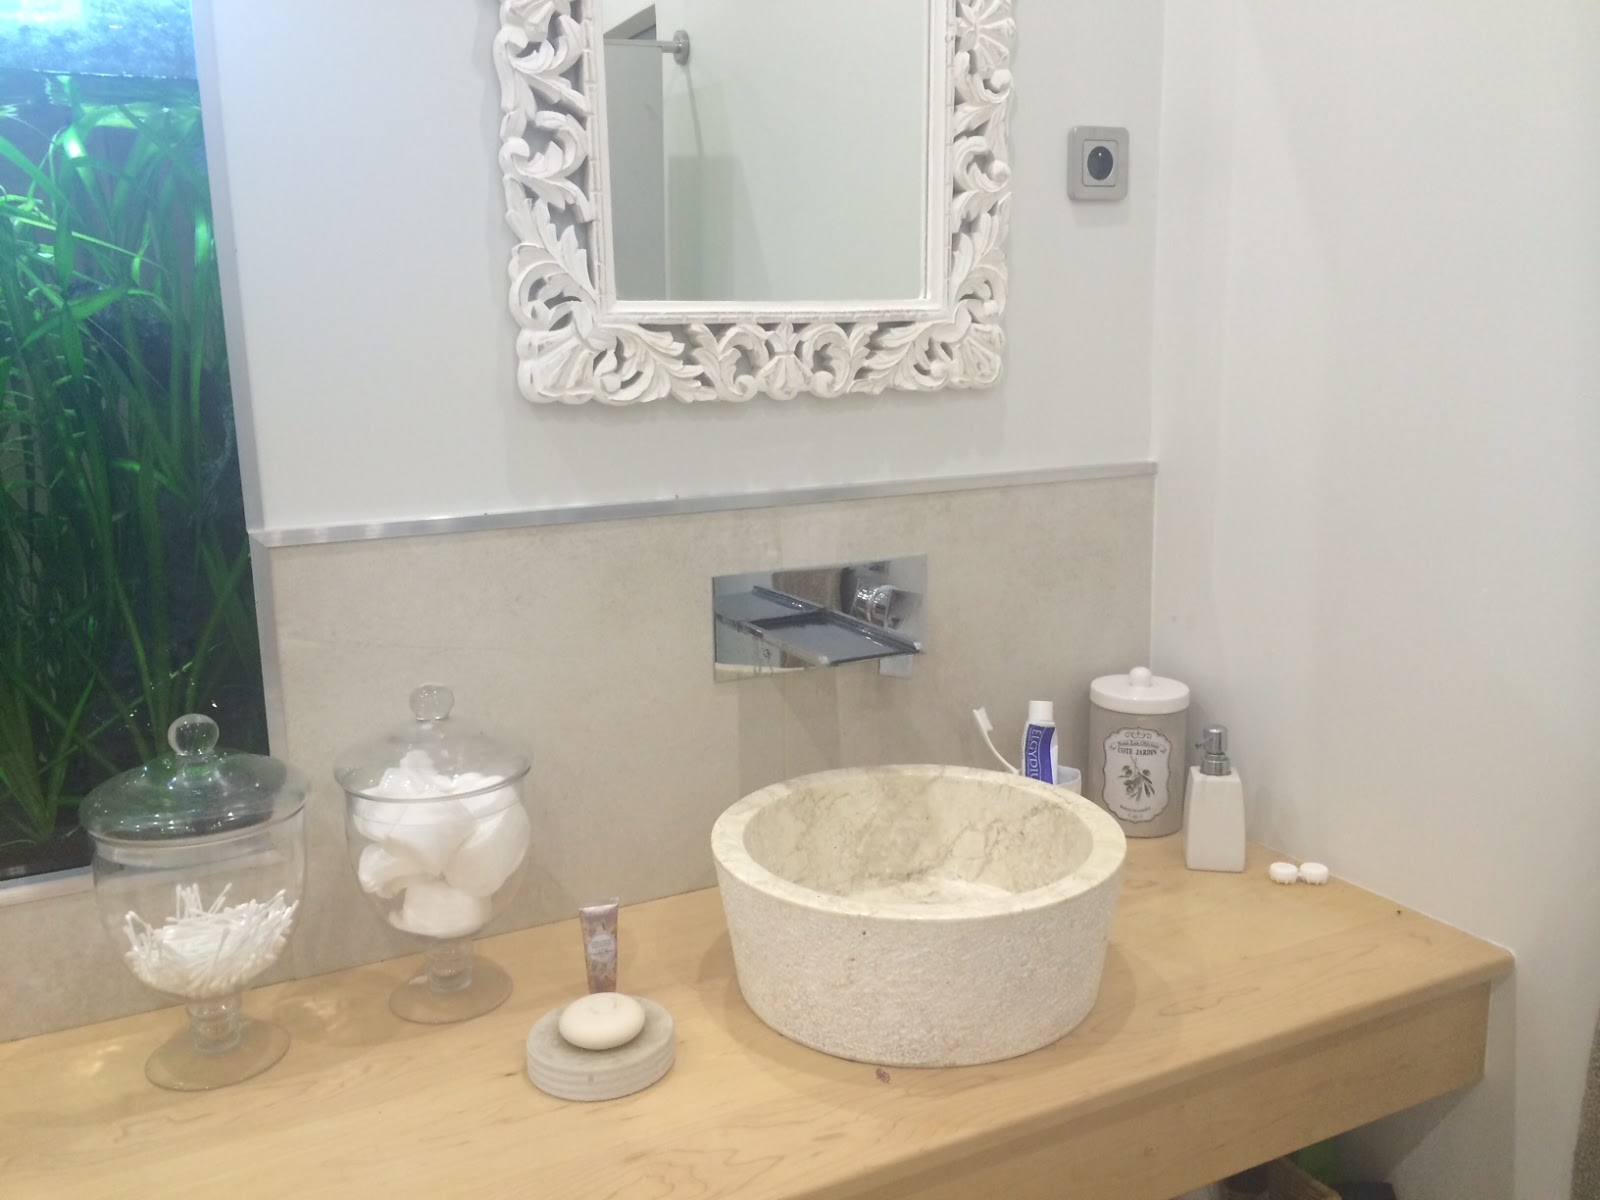 Poubelle salle de bain maison du monde salle de bains - Salle de bain maison du monde ...